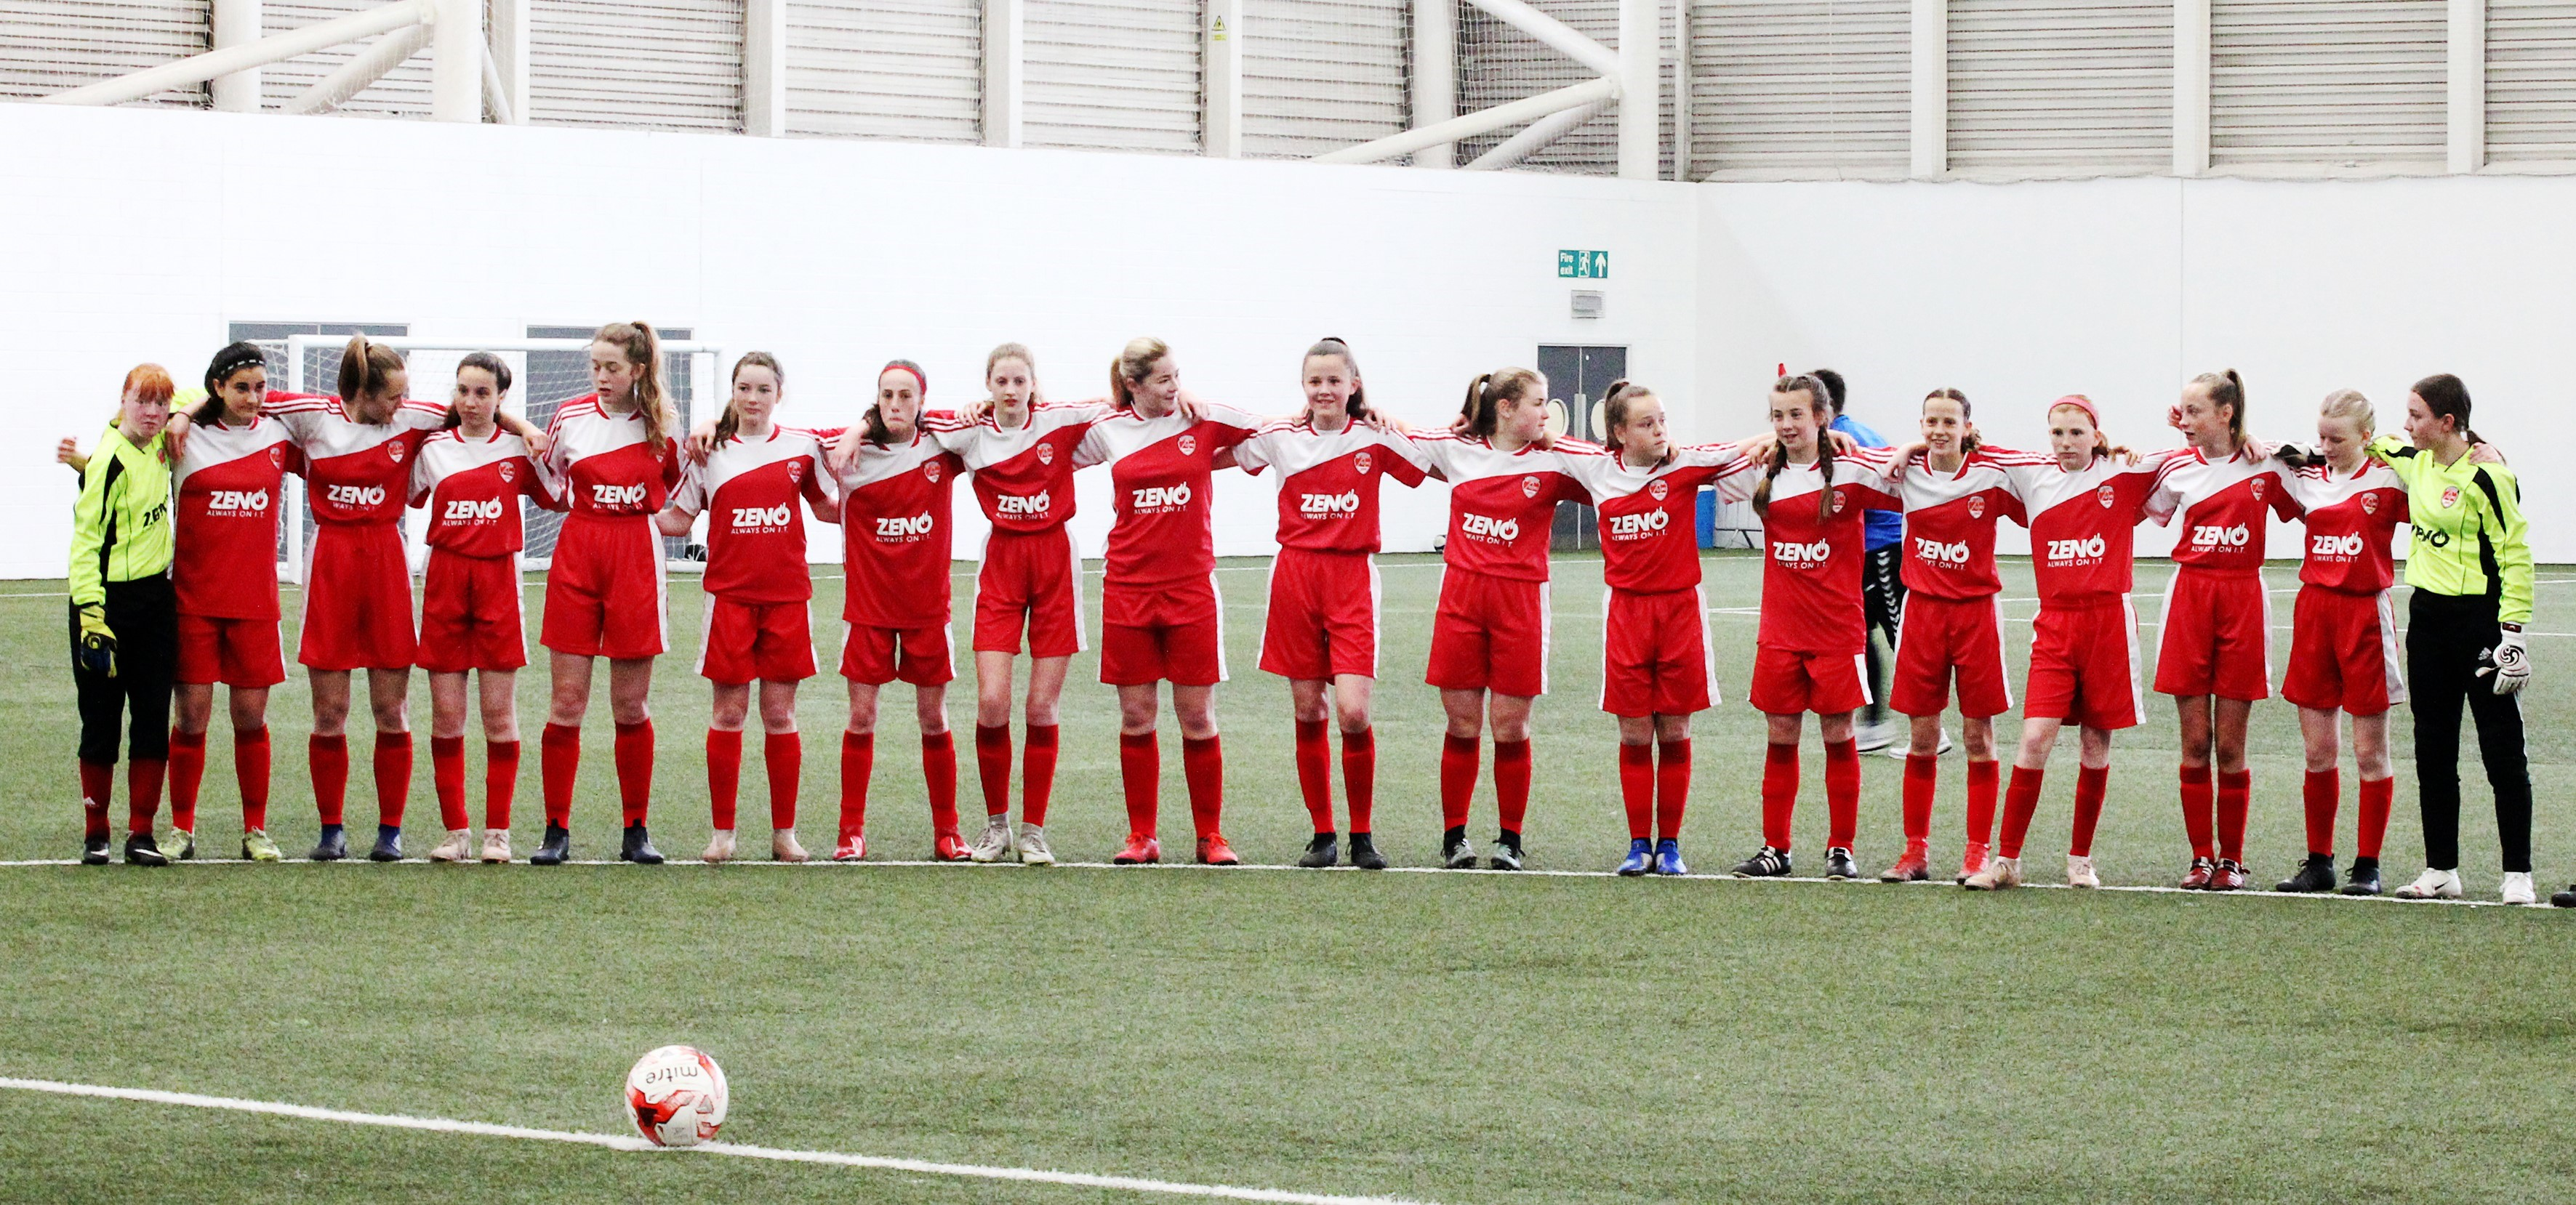 Aberdeen FC Ladies u15s Reds